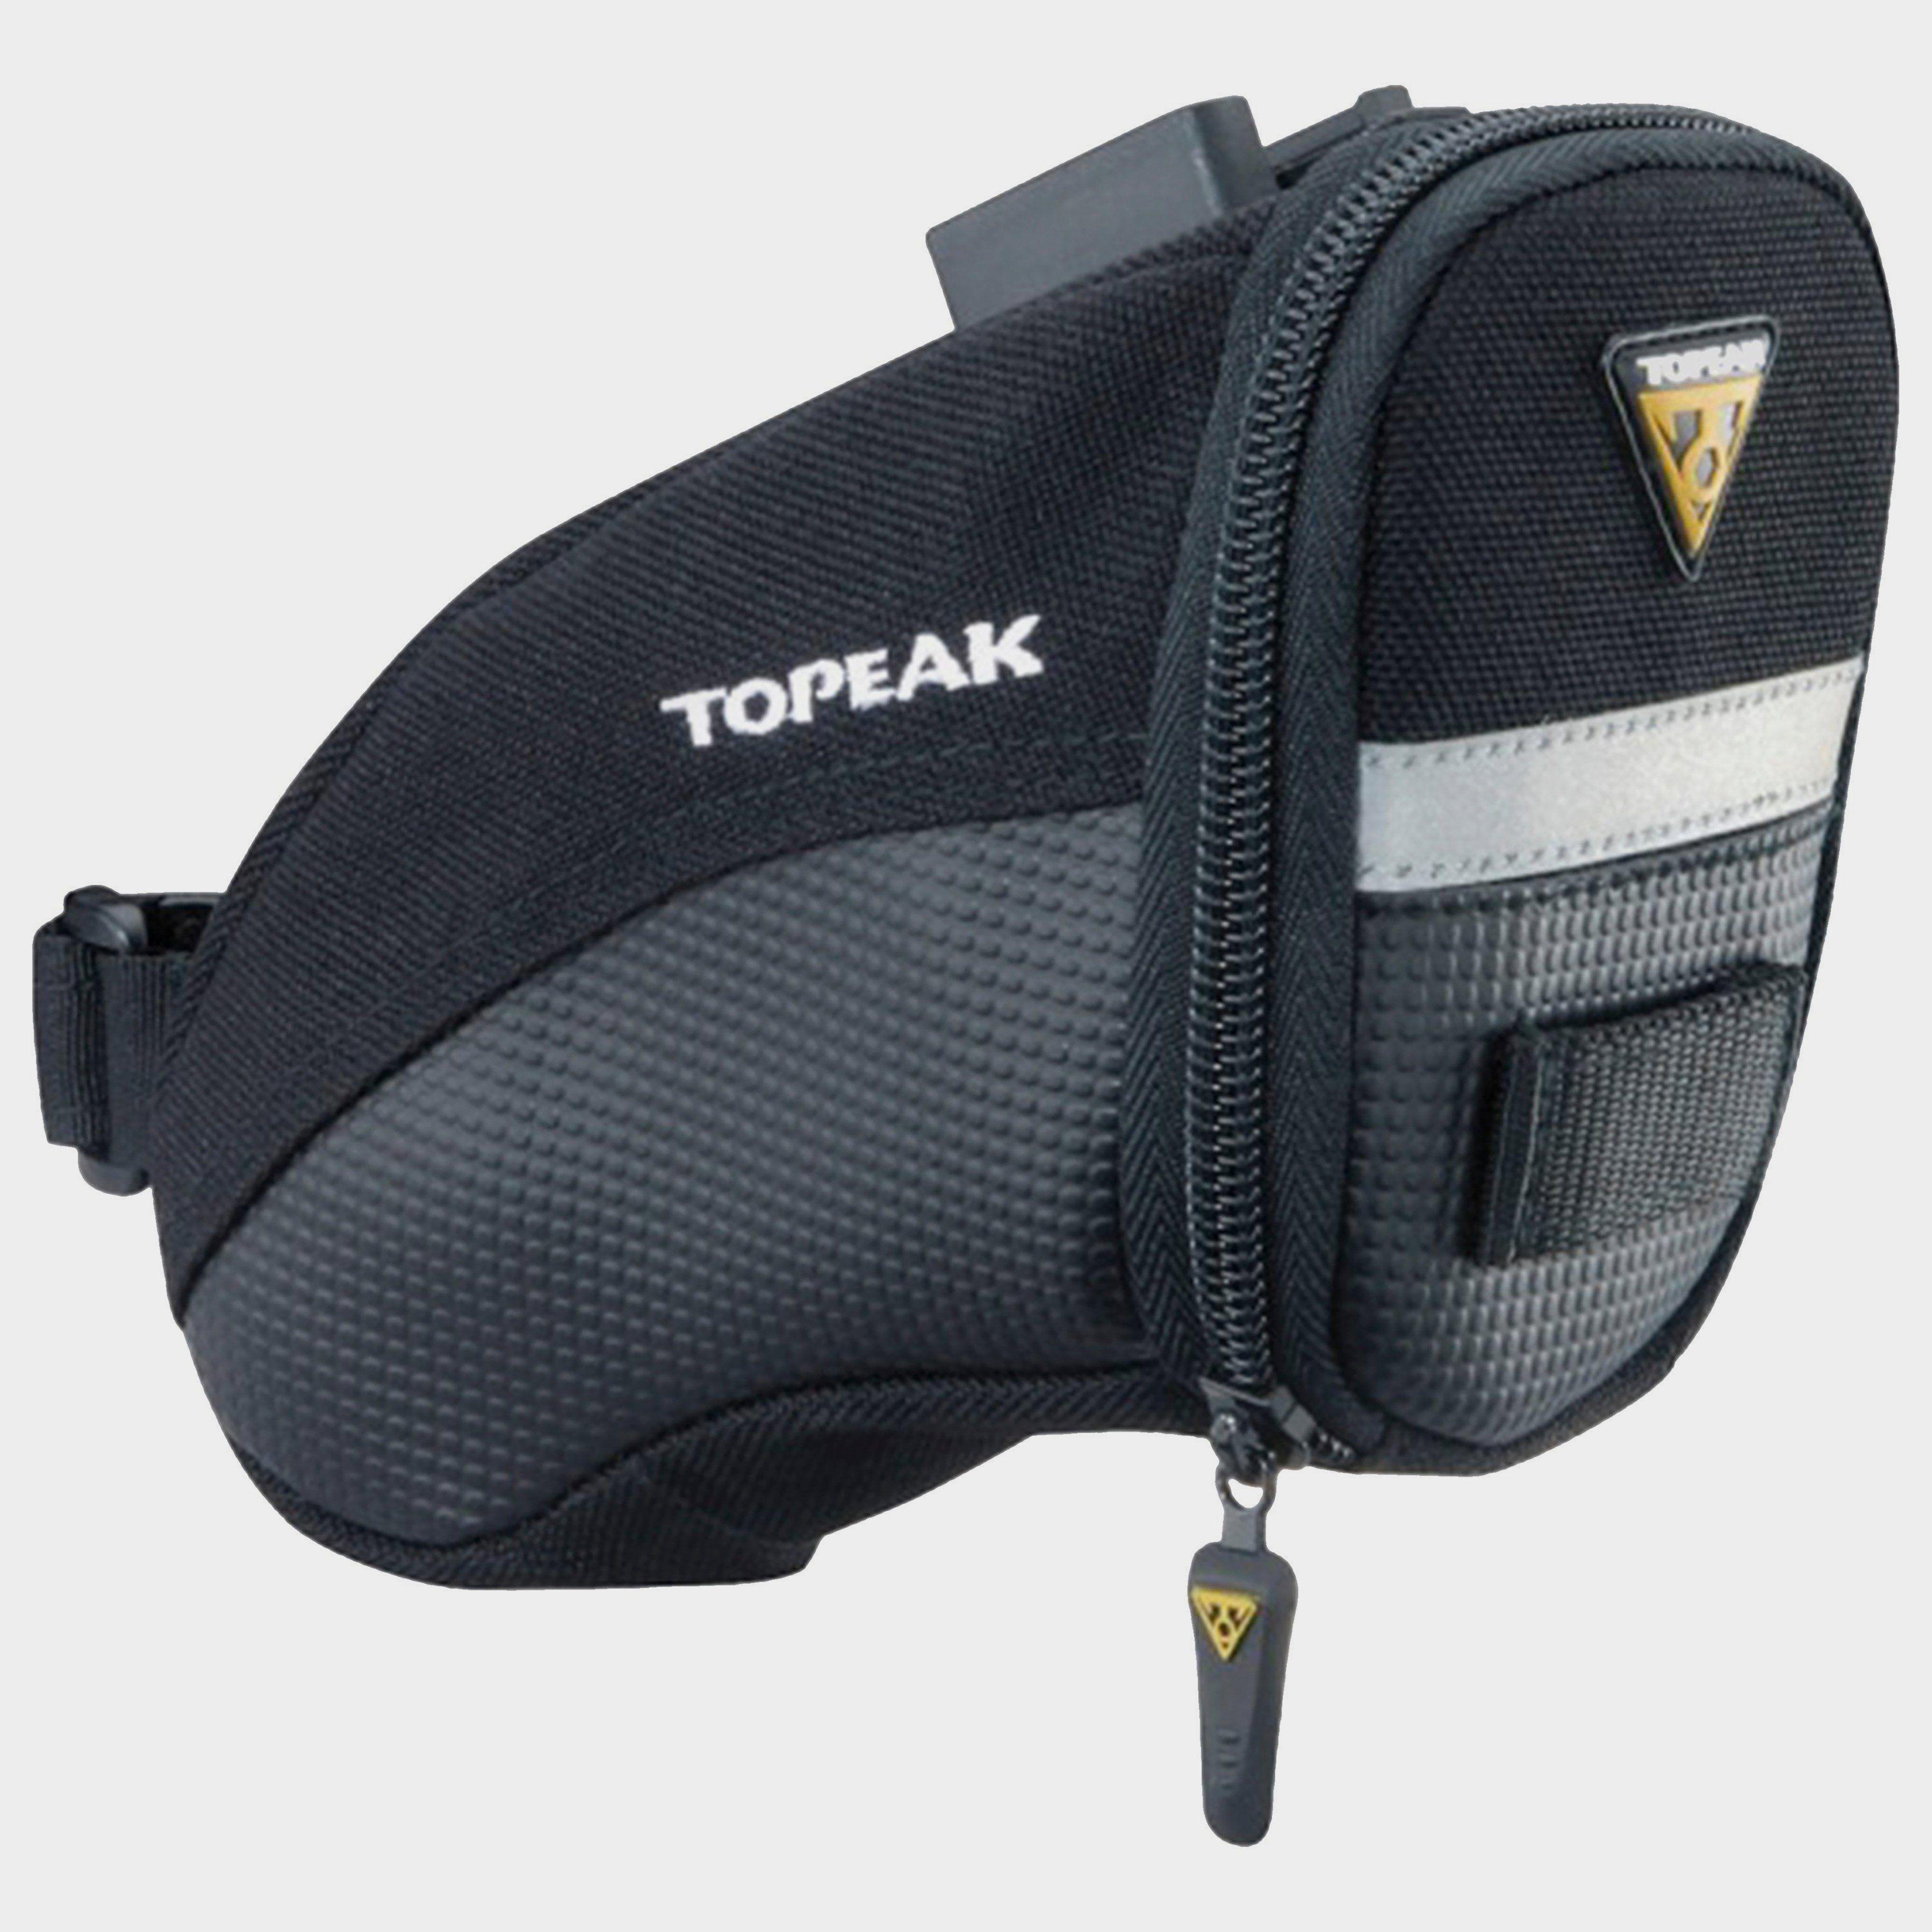 TOPEAK Aero Wedge Quick Clip Saddle Bag